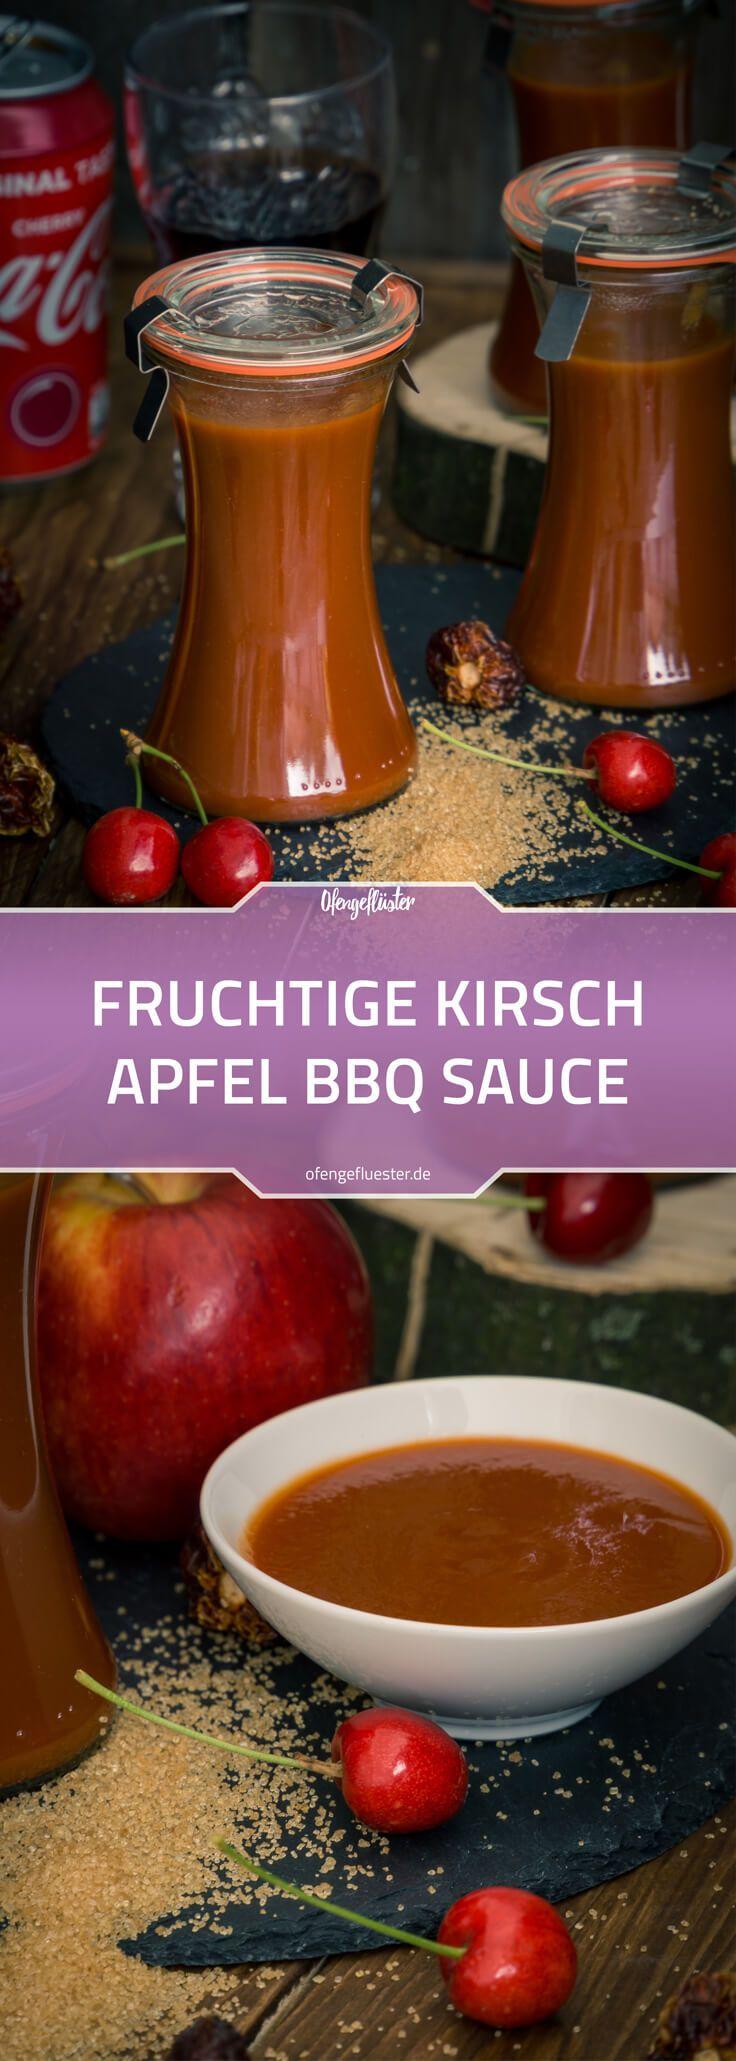 Rezept für eine fruchtige Kirsch Apfel BBQ Sauce